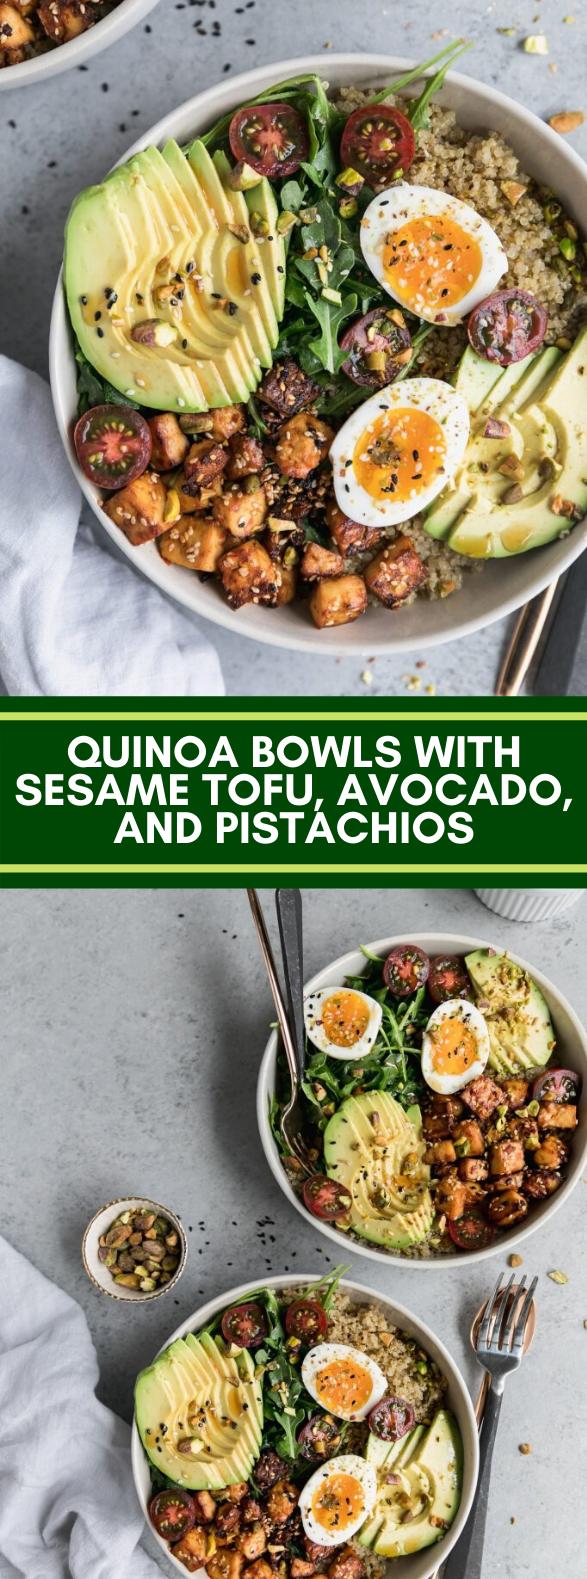 Quinoa Bowls with Sesame Tofu, Avocado, and Pistachios #vegetarian #dinner #healthy #quinoa #veggies